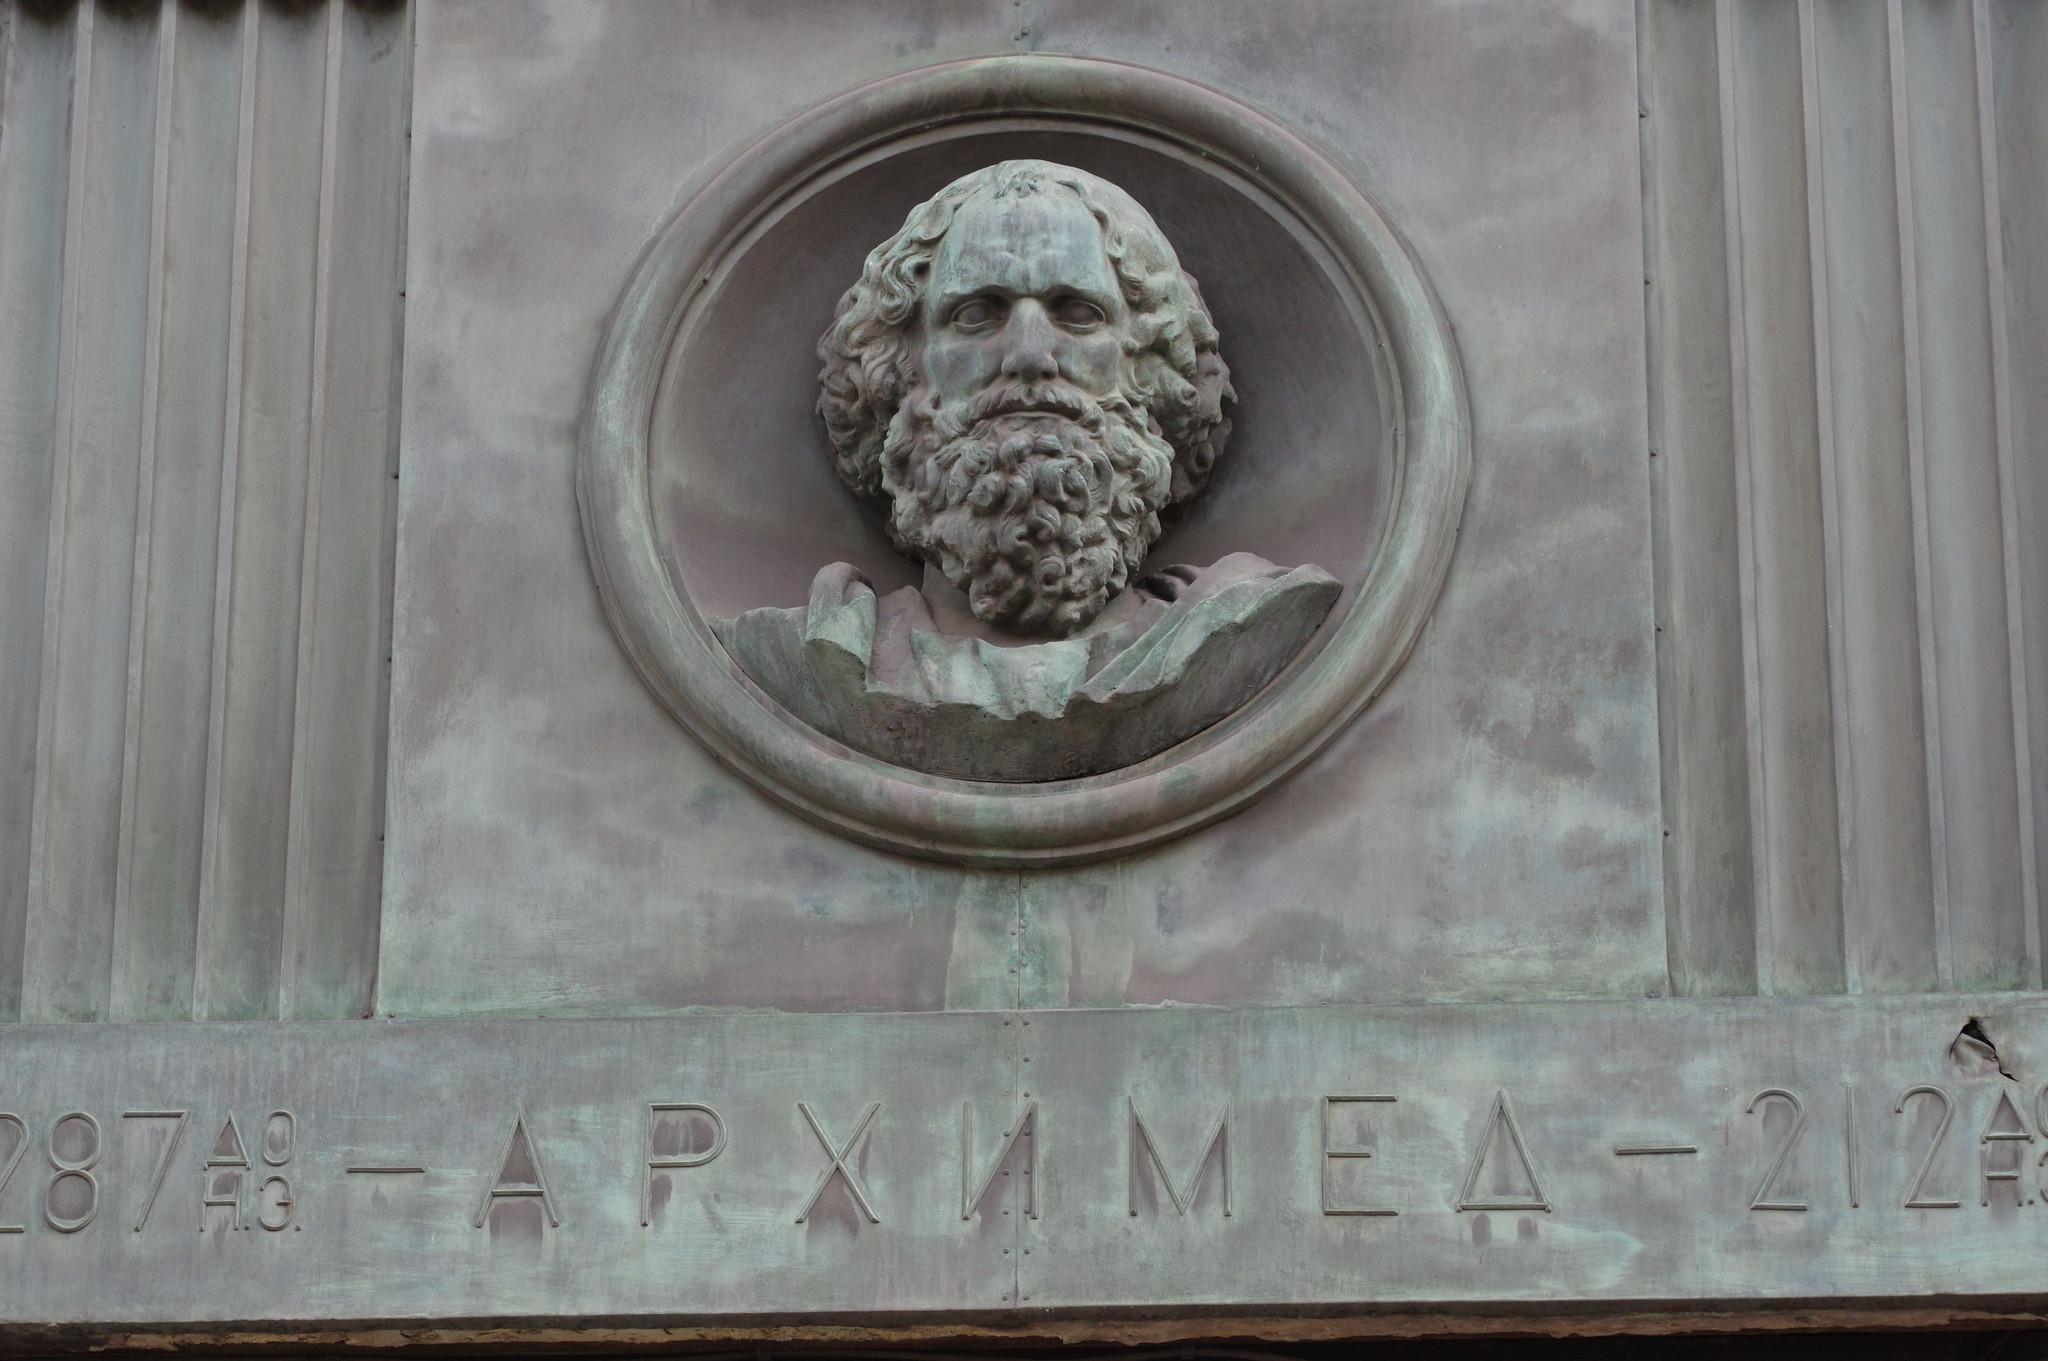 Бронзовый барельеф с изображением Архимеда расположенный между пилонами фасада Российской государственной библиотеки